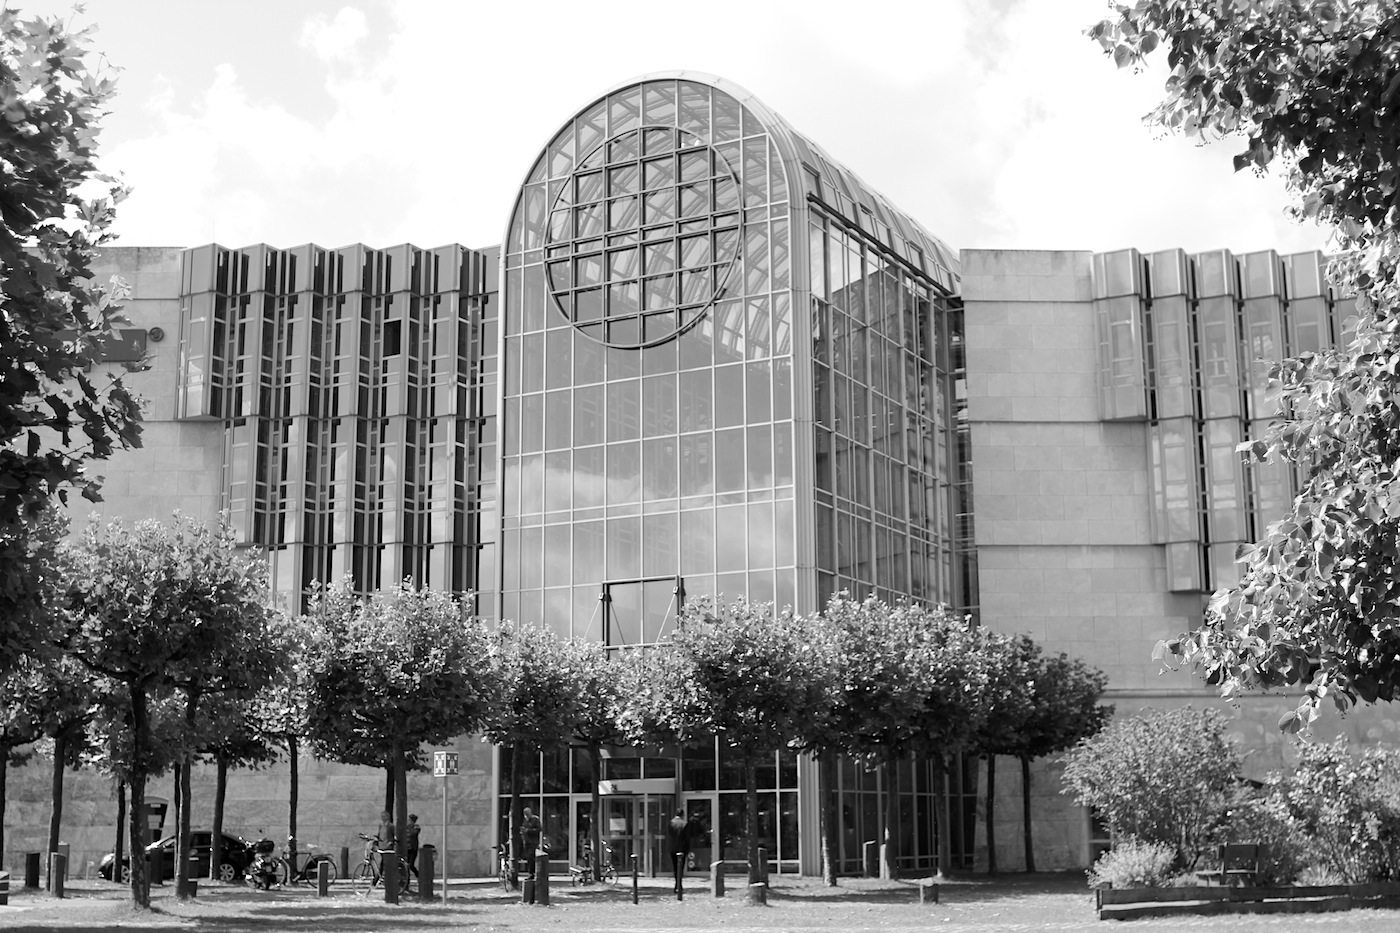 Westdeutscher Rundfunk, Funkhaus. Von parade architekten. Fertigstellung: 1991